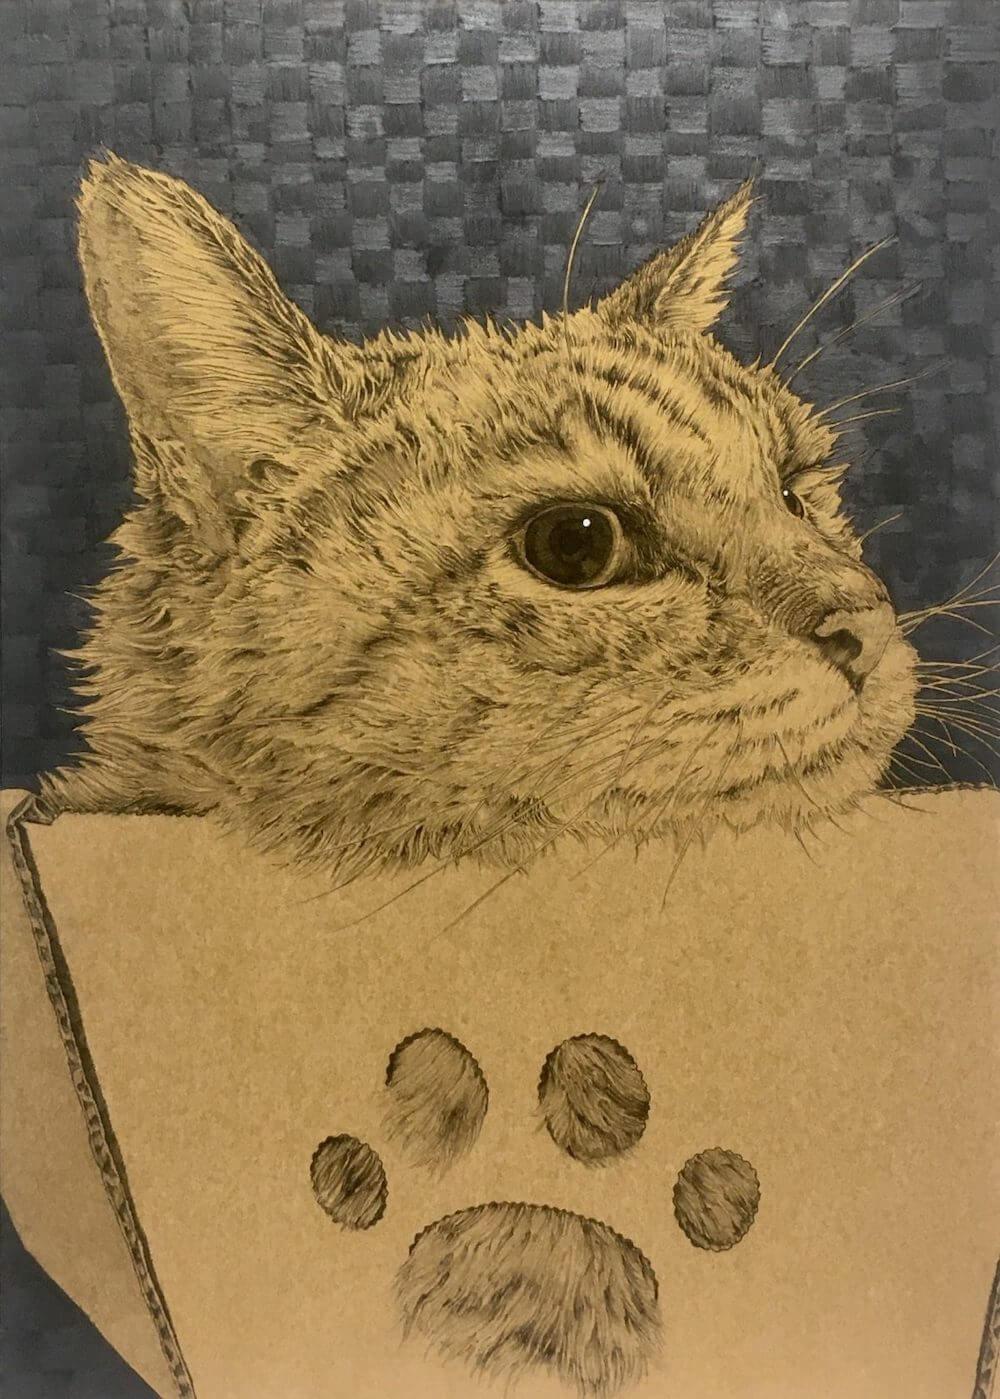 画家・山田貴裕による猫のペン画『Take it easy』